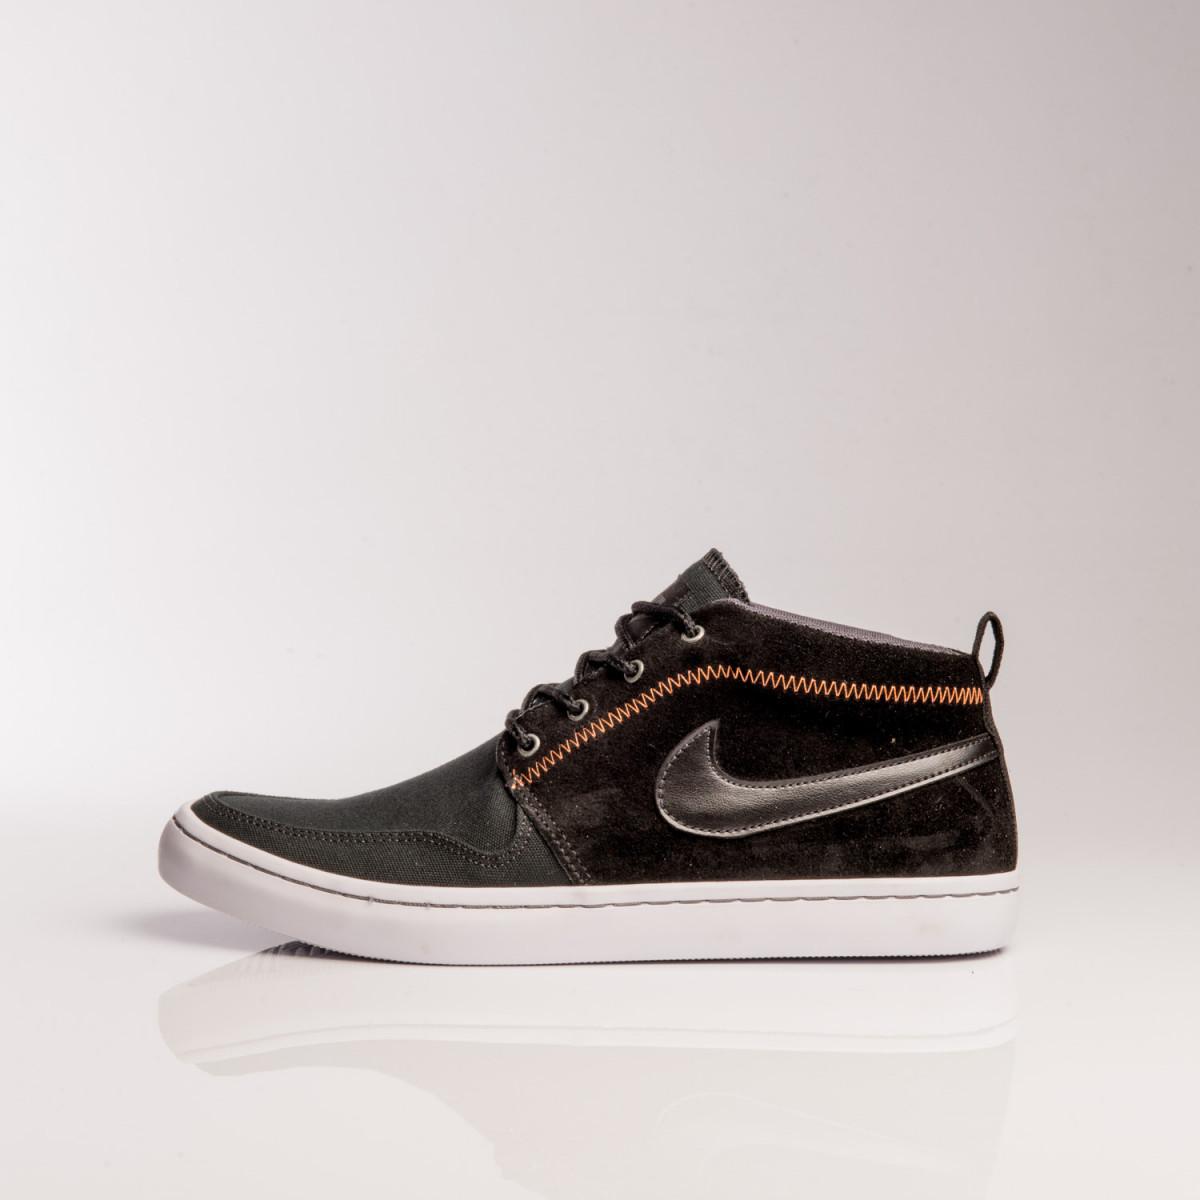 Zapatillas Nike Wardour Chukka